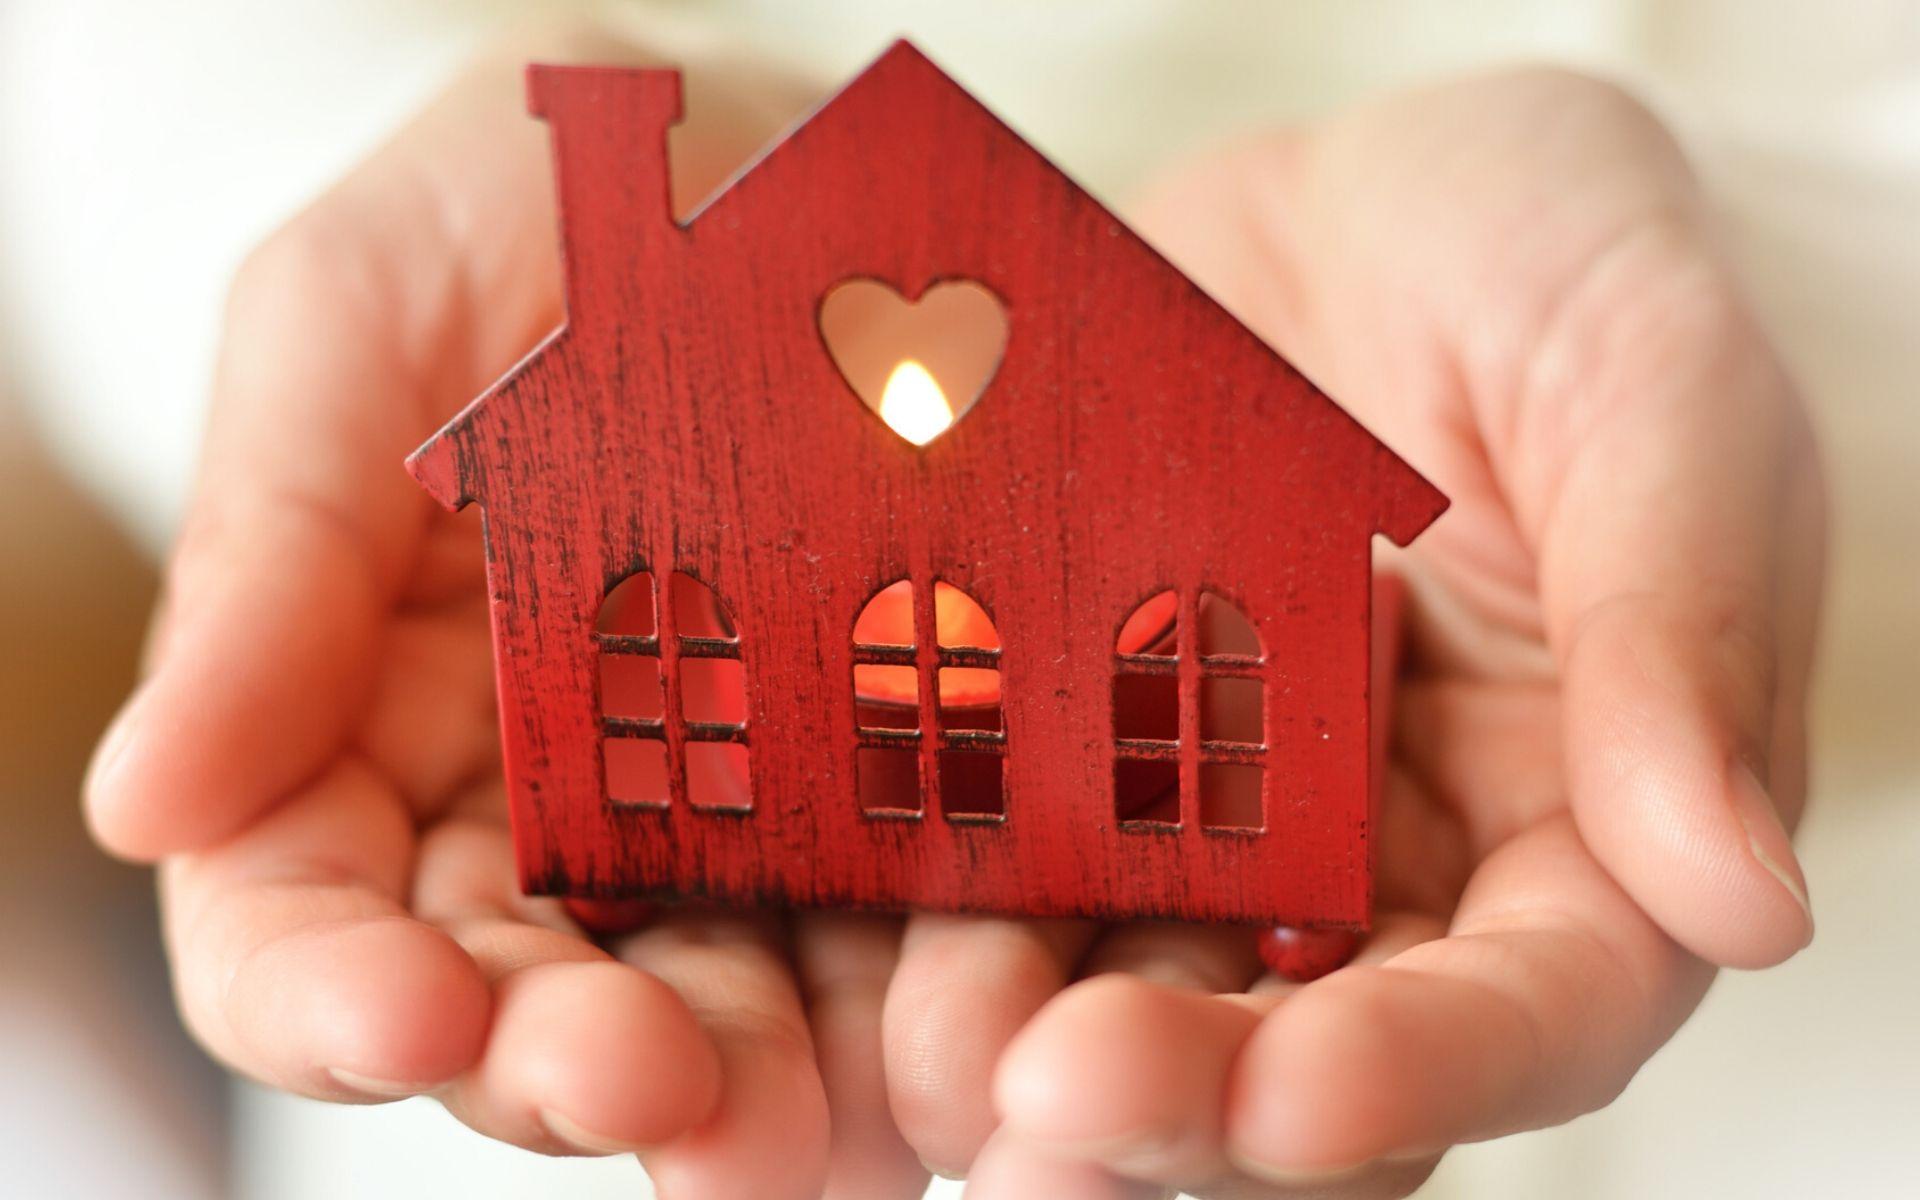 nägeli plus - Hausbetreuung